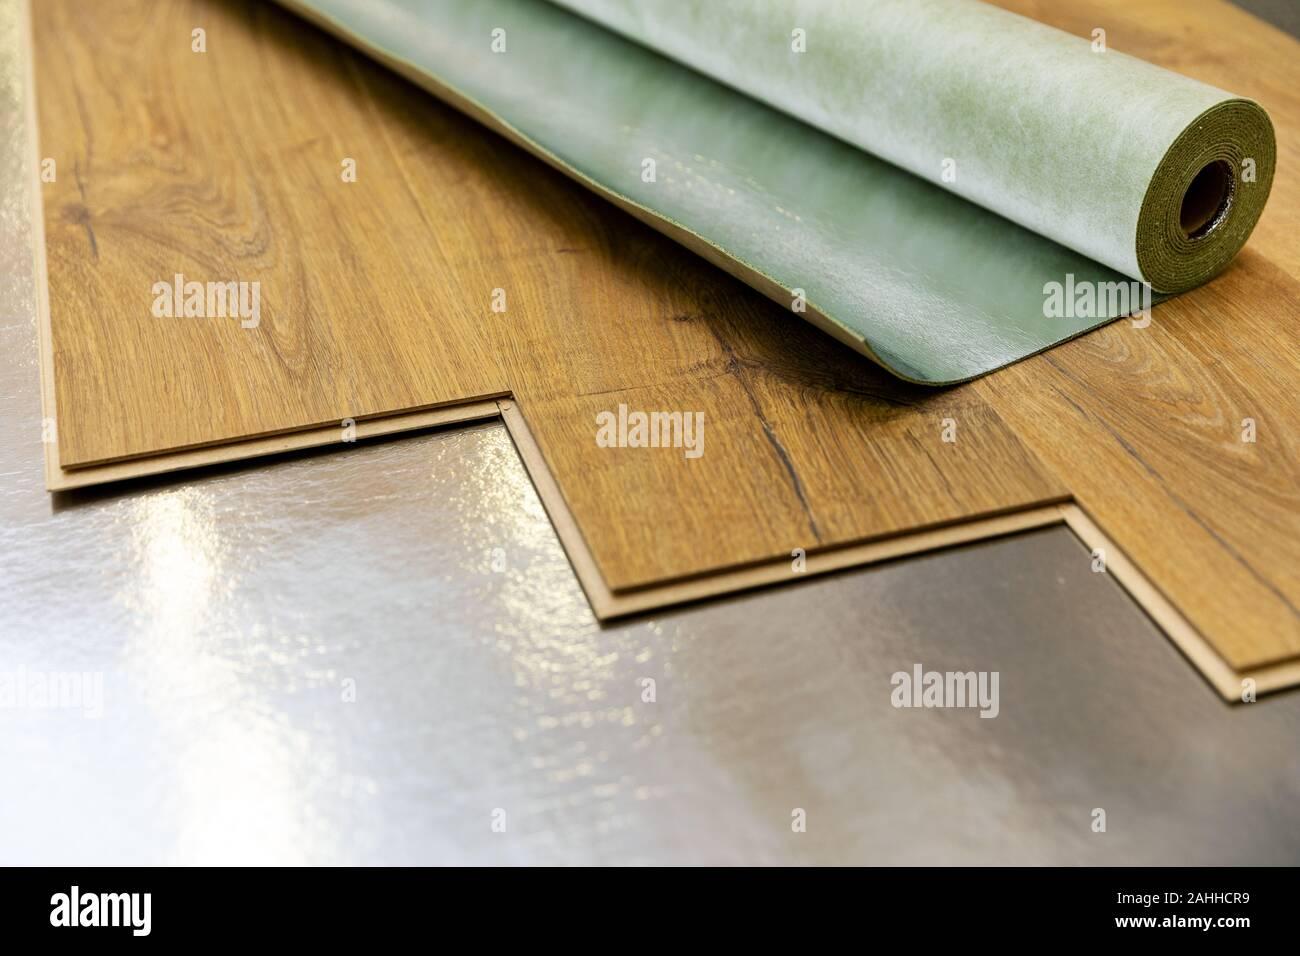 Laminate Floor Underlay Stock Photos Laminate Floor Underlay